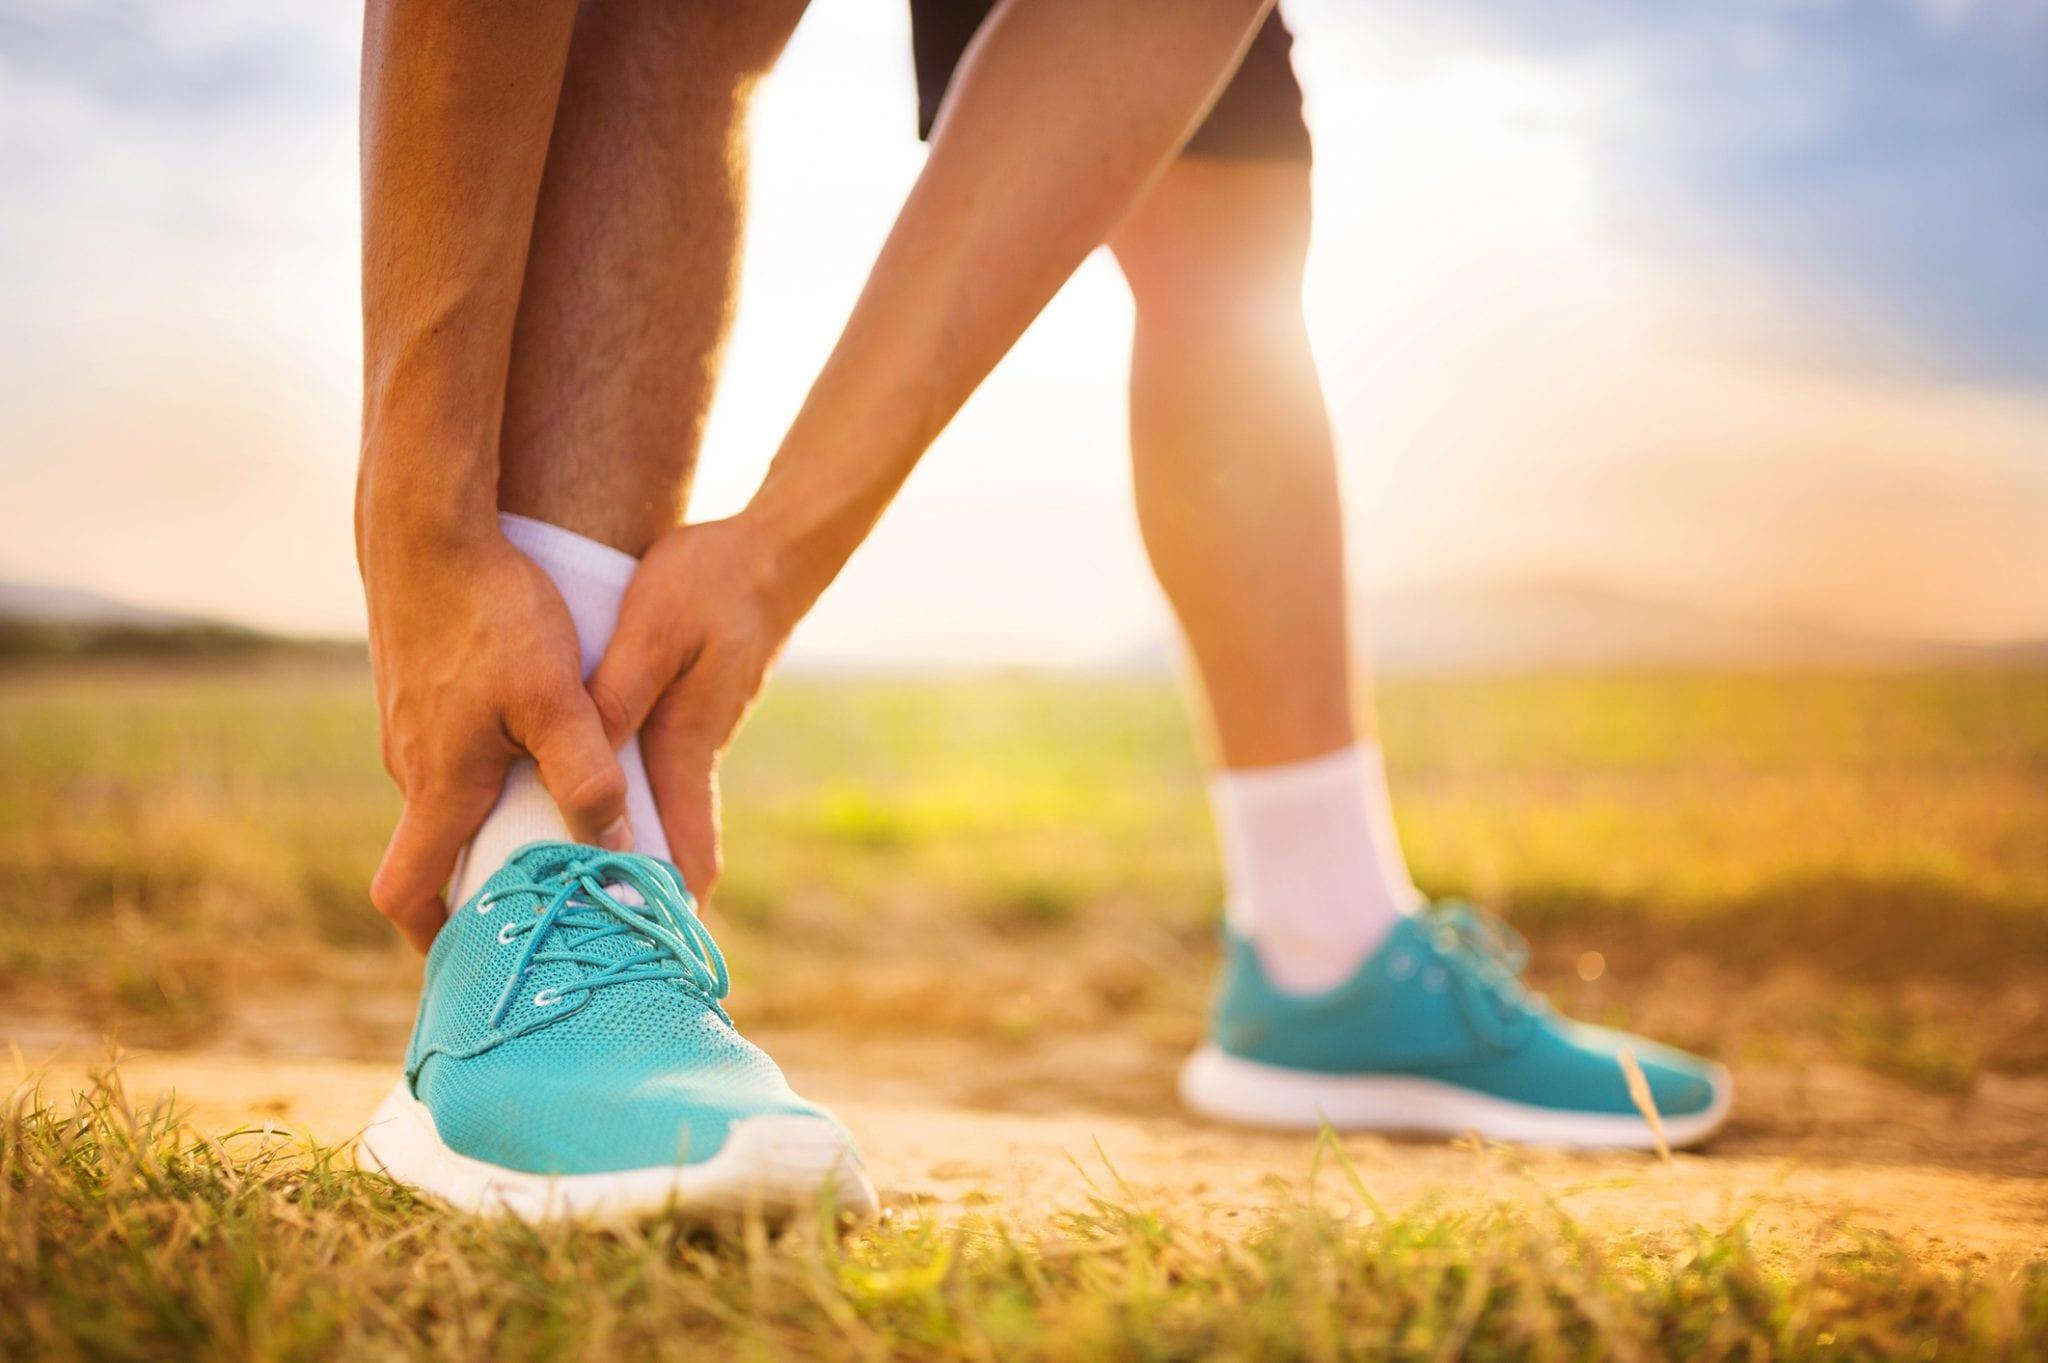 What Is Your Achilles Heel?